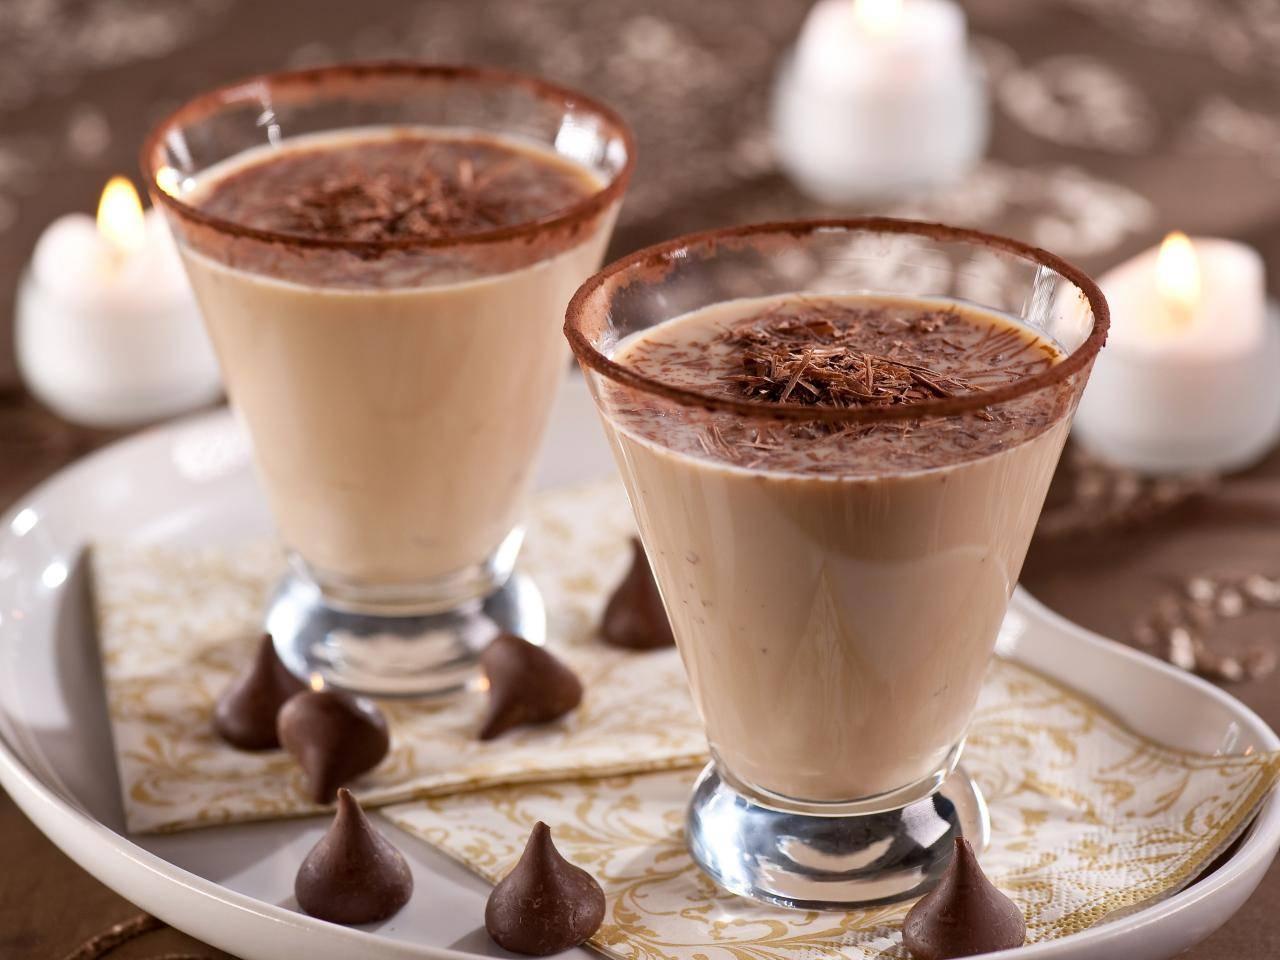 шоколадно-молочный коктейль в блендере